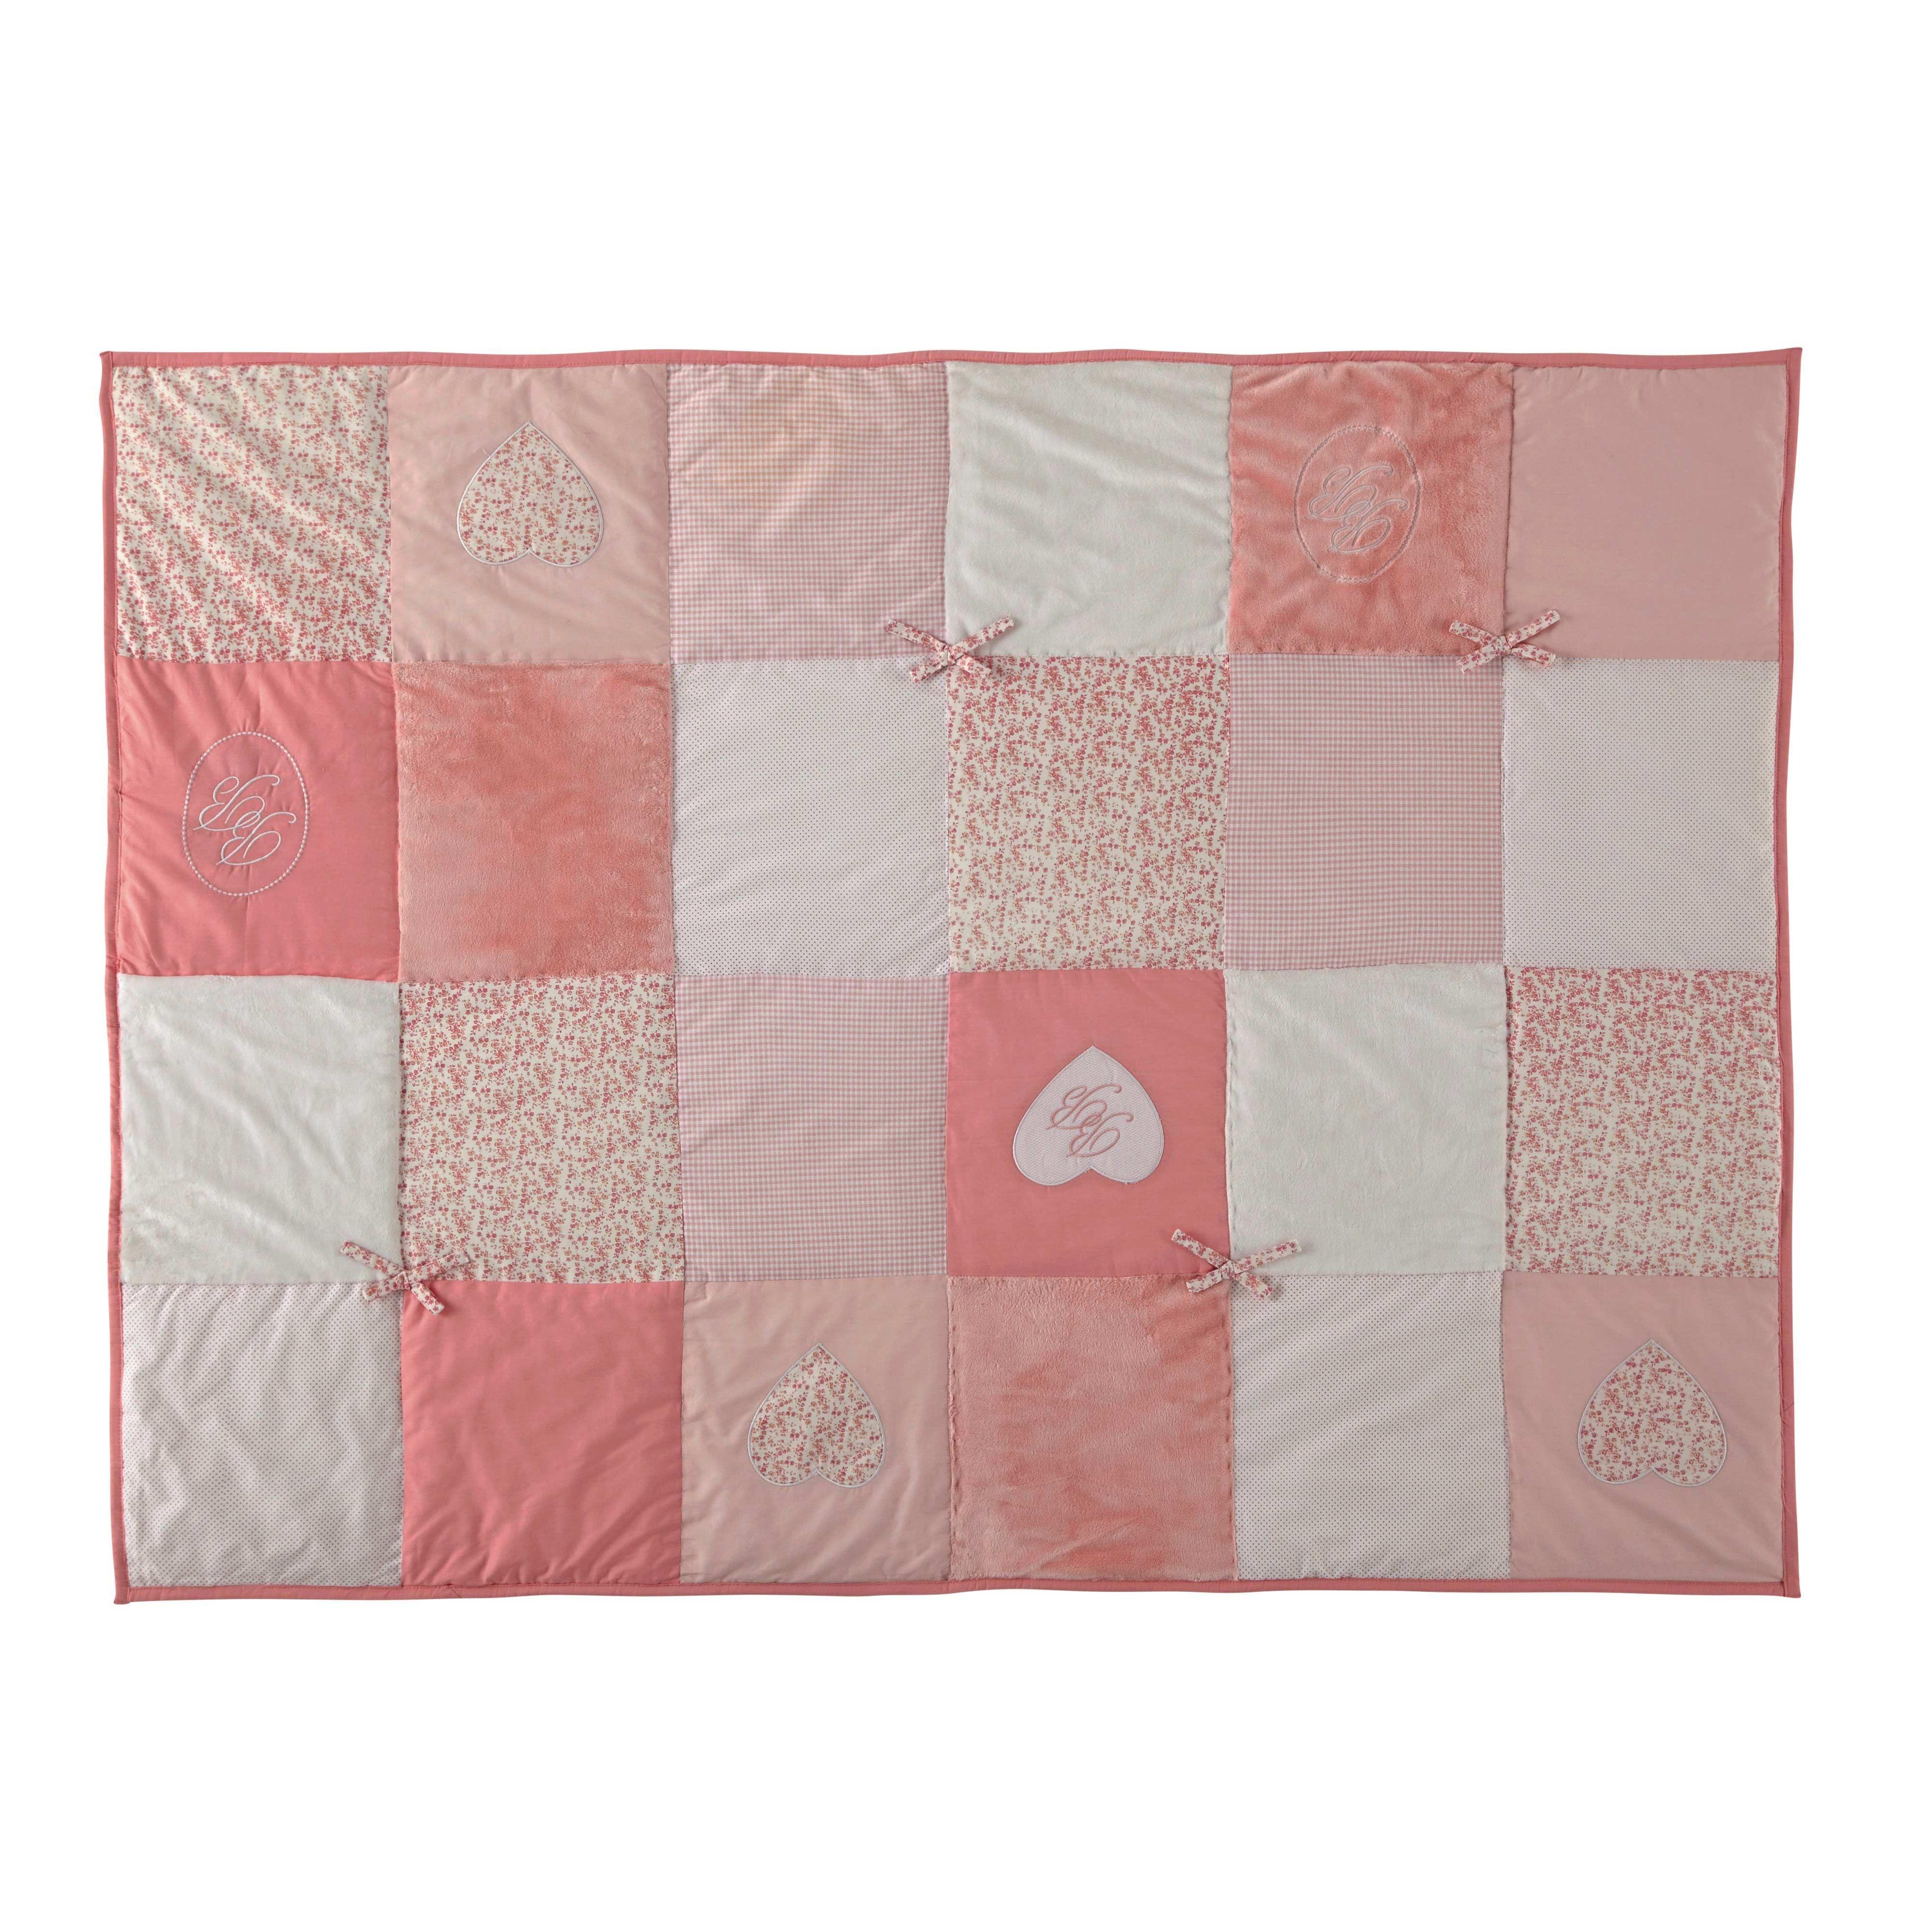 Édredon enfant patchwork en coton rose 100 x 140 cm VICTORINE ...